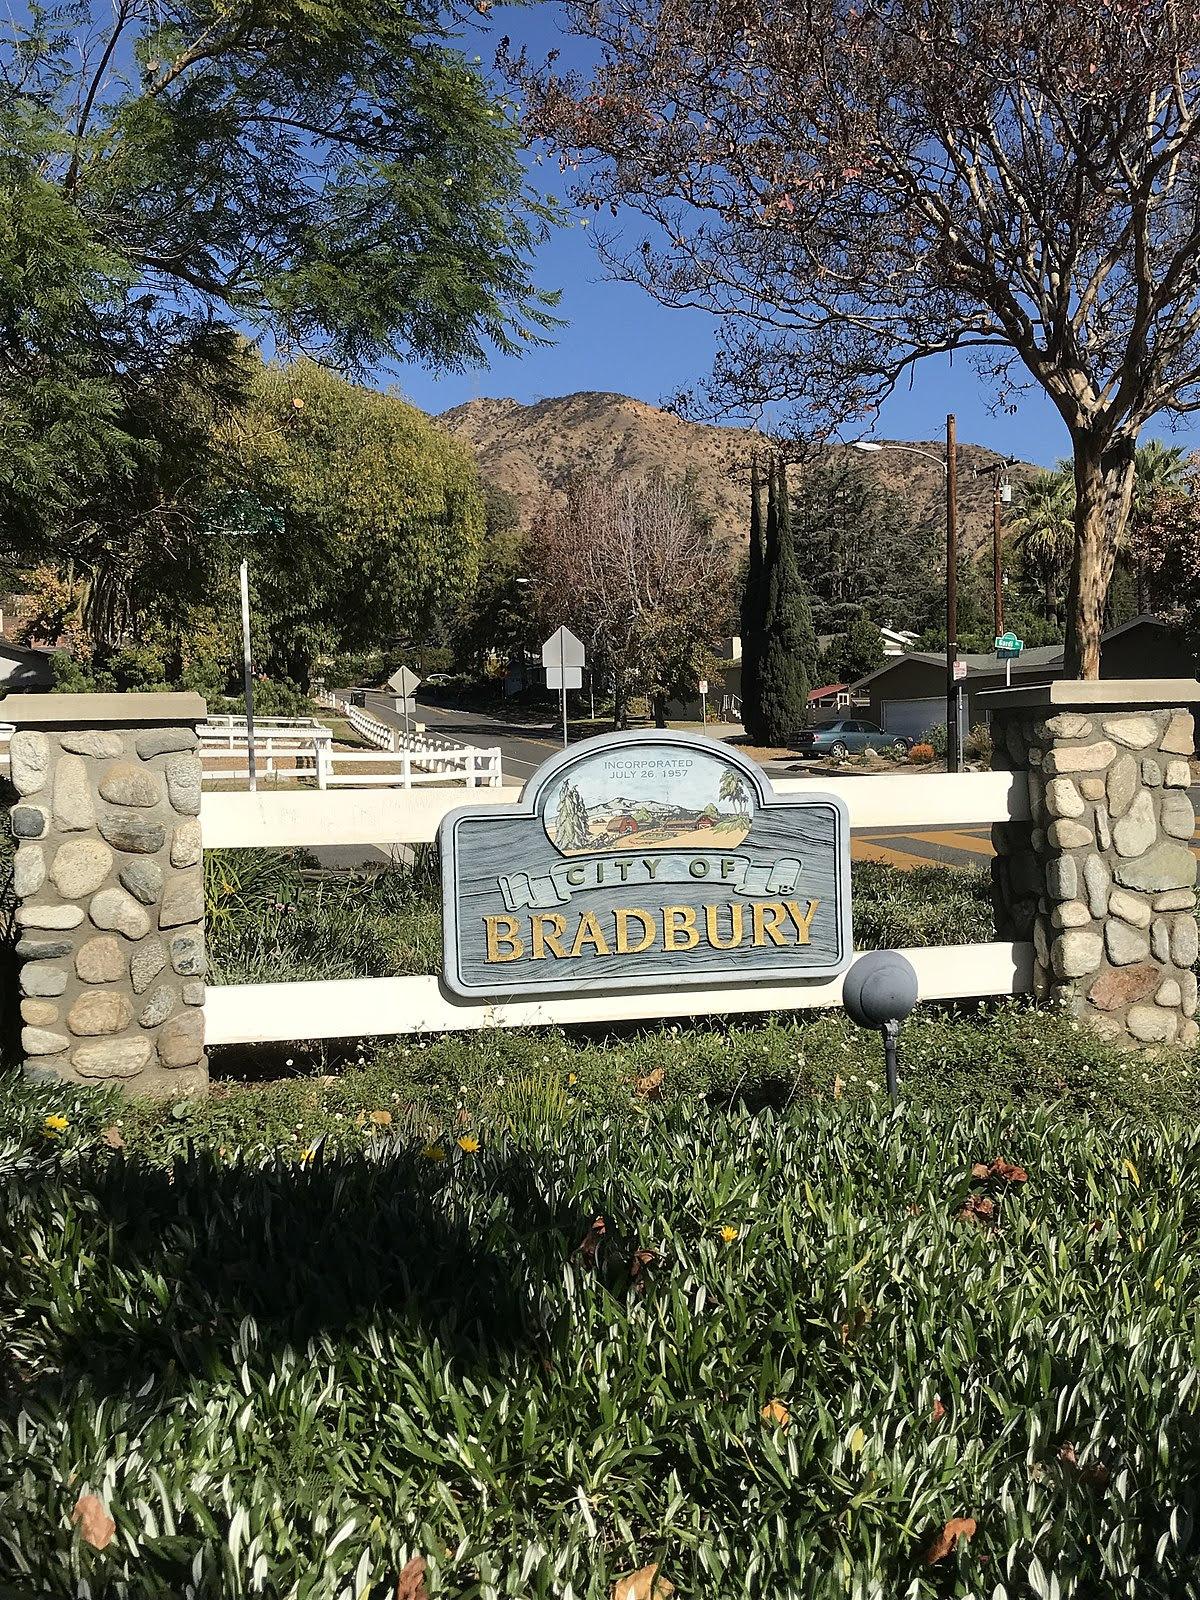 Bradbury California Wikipedia